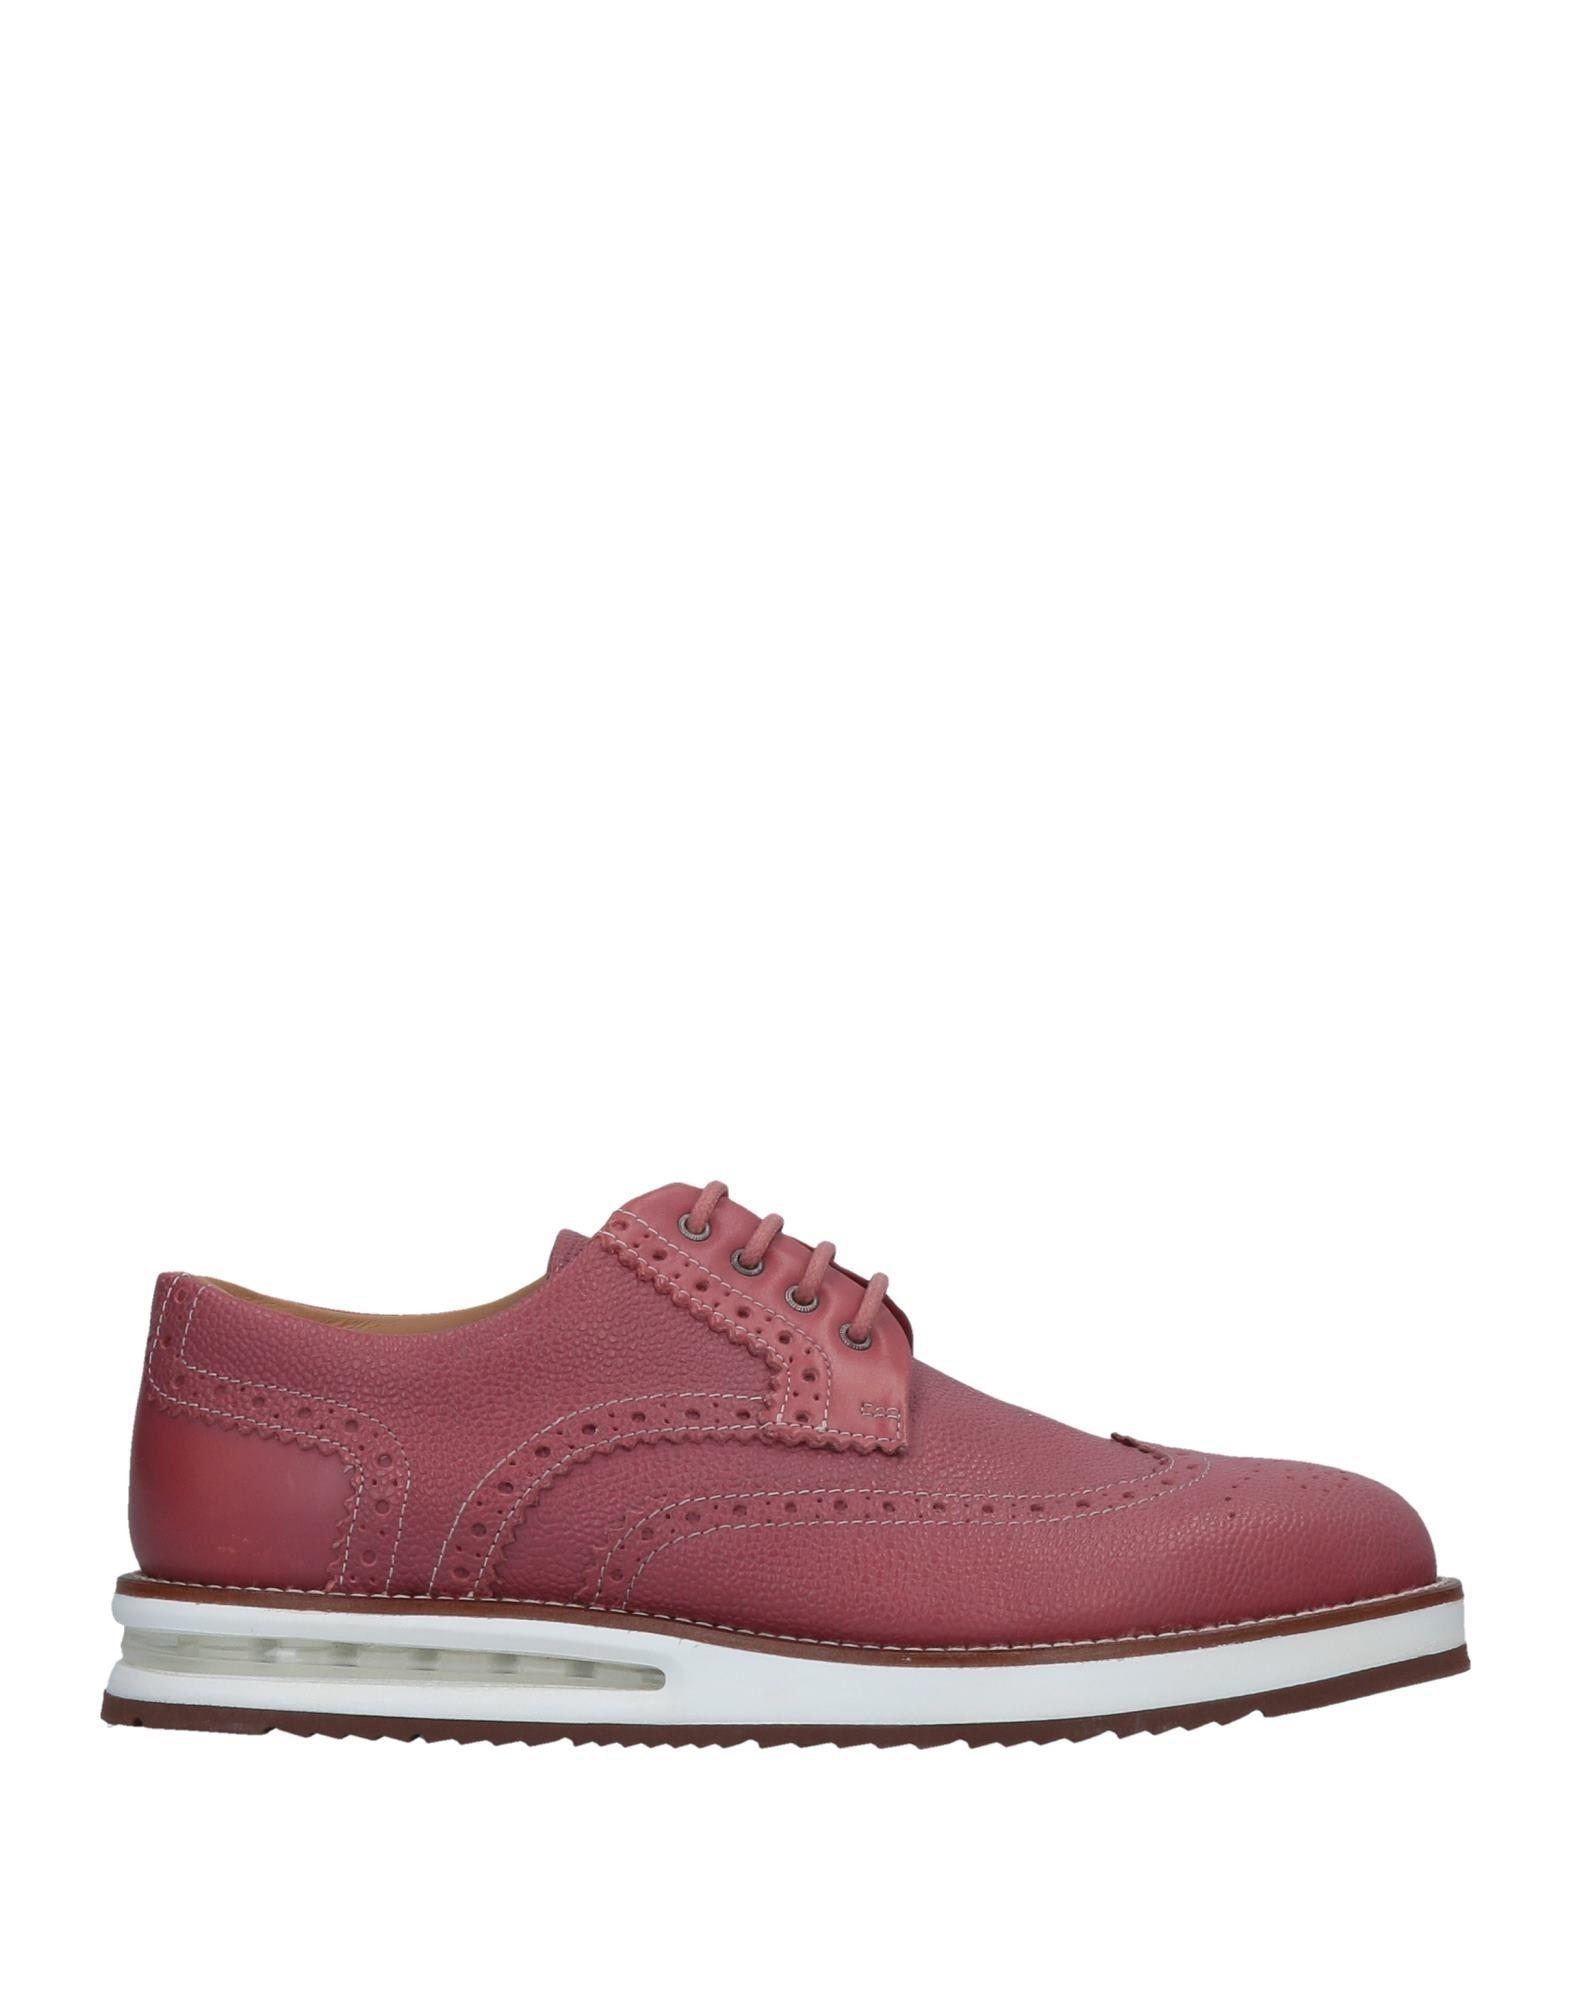 Barleycorn Schnürschuhe Herren  11505029SS Gute Qualität beliebte Schuhe